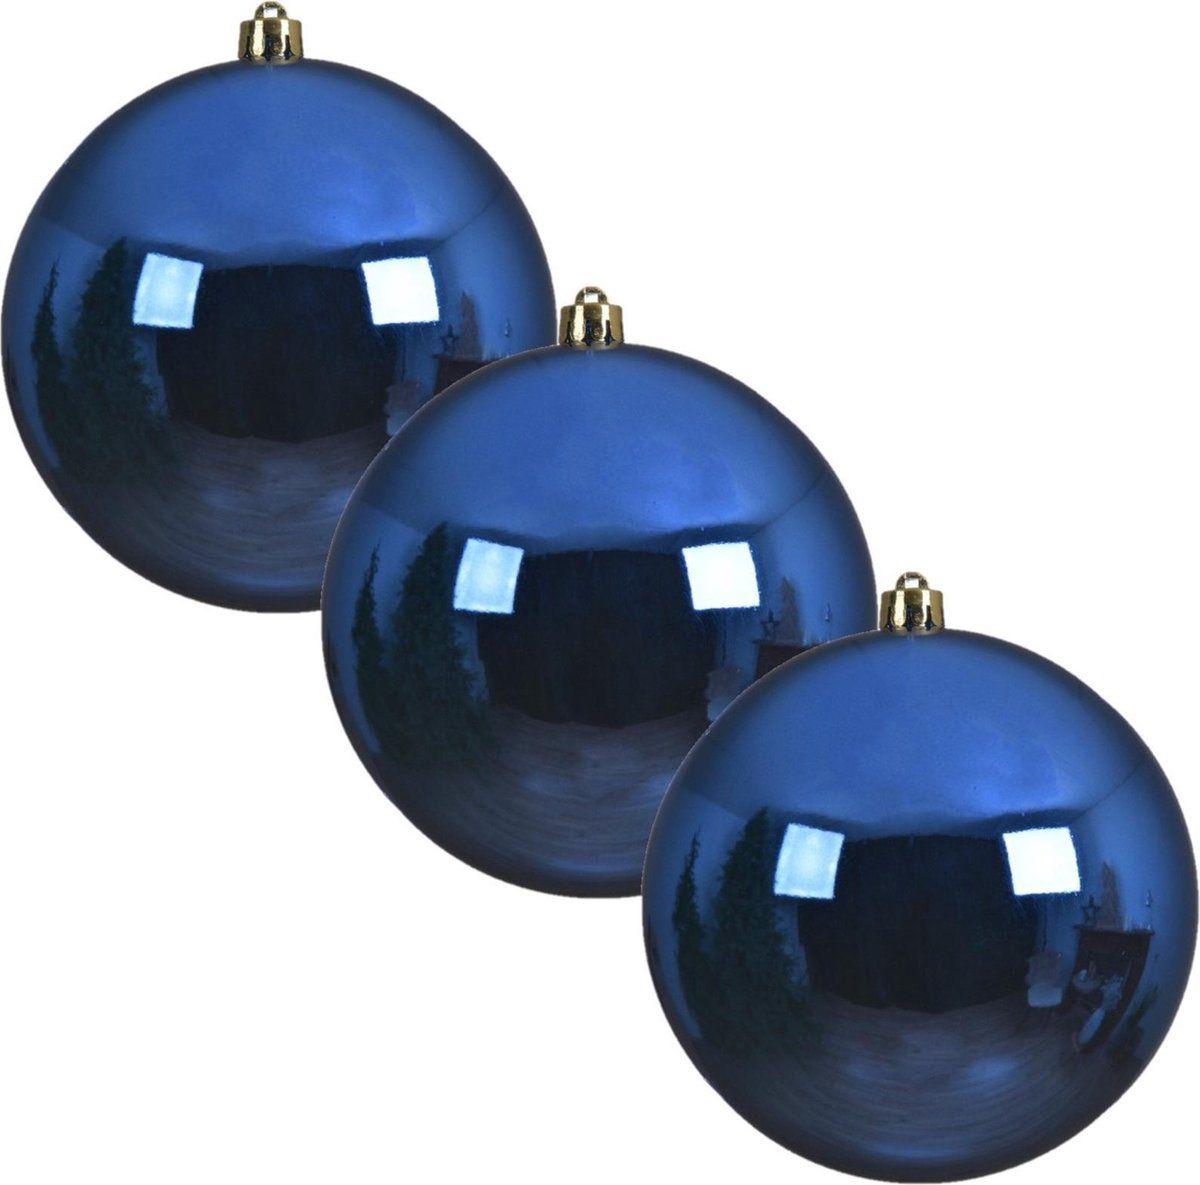 3x Grote kobalt blauwe kunststof kerstballen van 20 cm – gla…